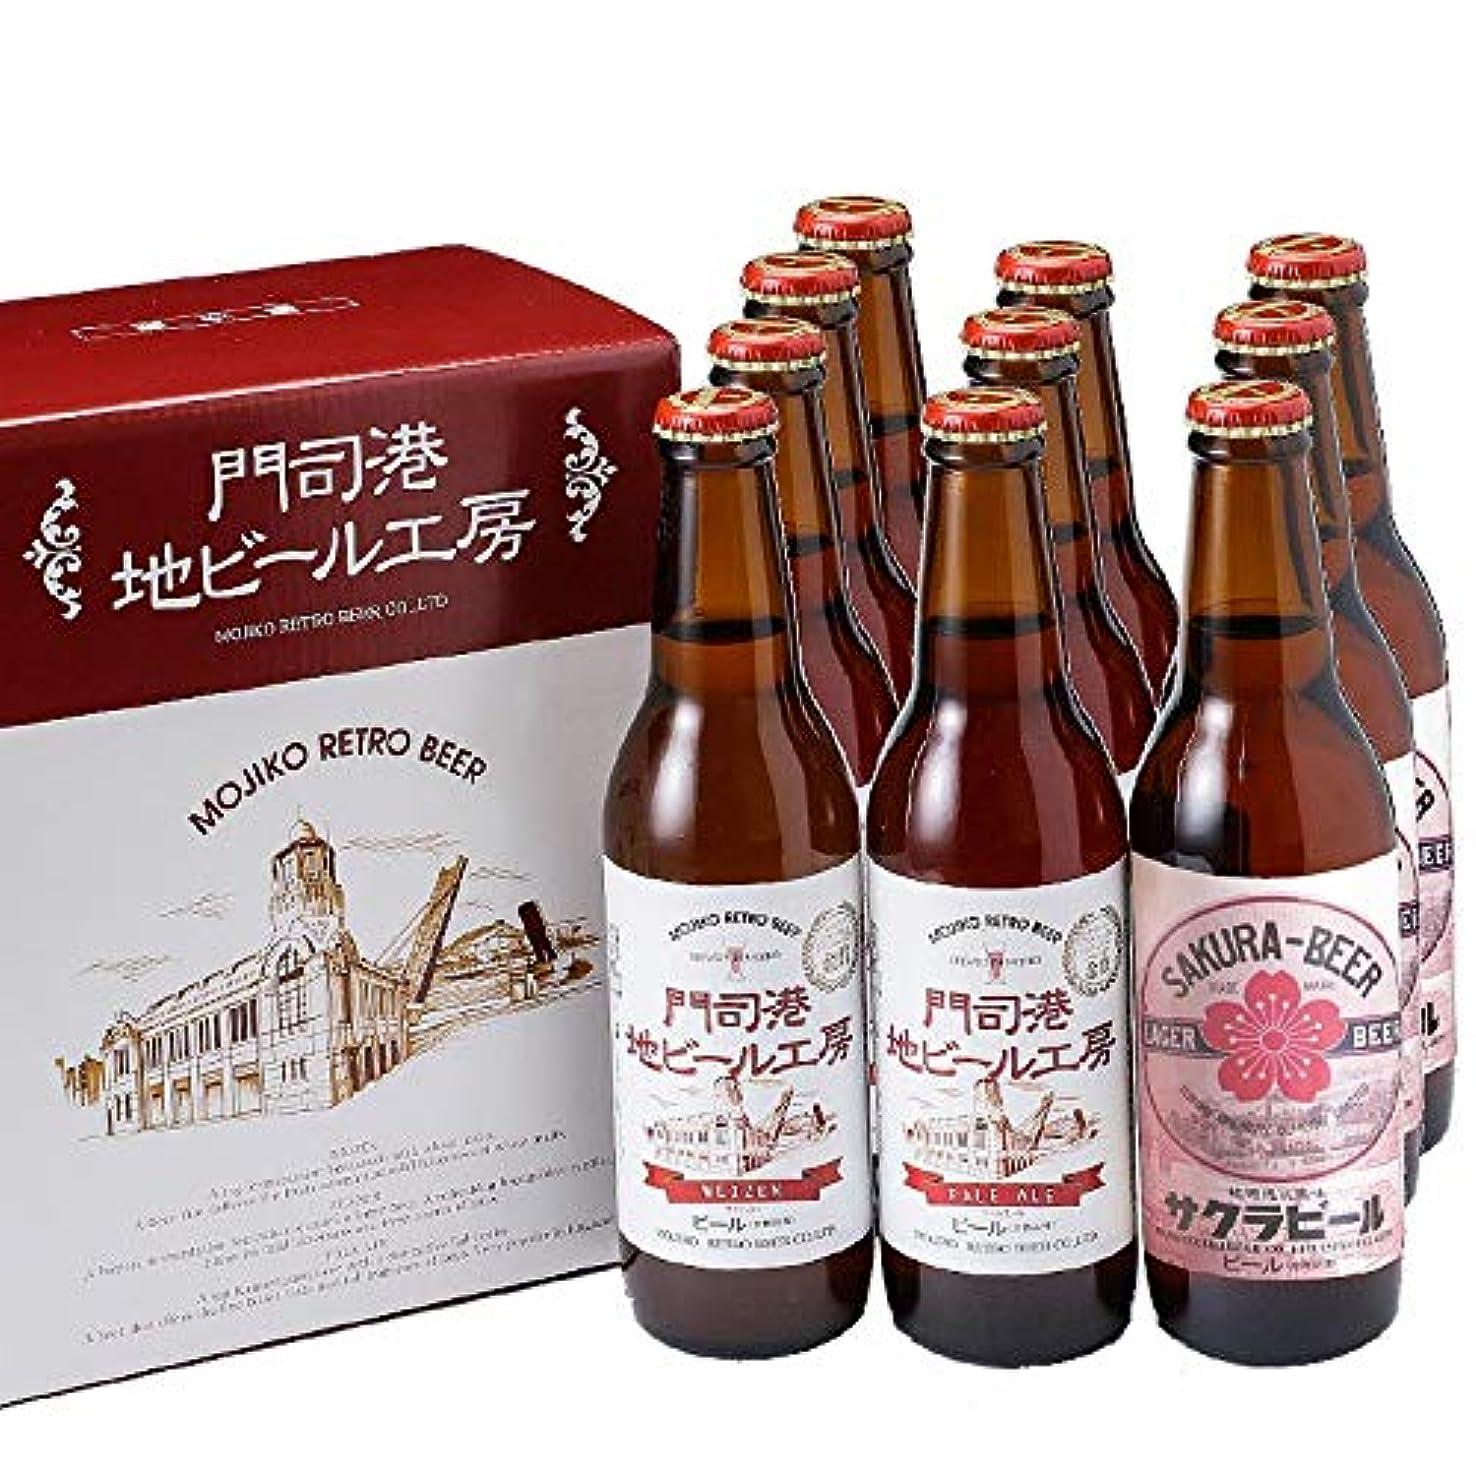 ケーブルカーヒゲ嘆願門司港 ビール 330ml 3種類 合計10本セット 箱入り 地ビール クラフト ビール